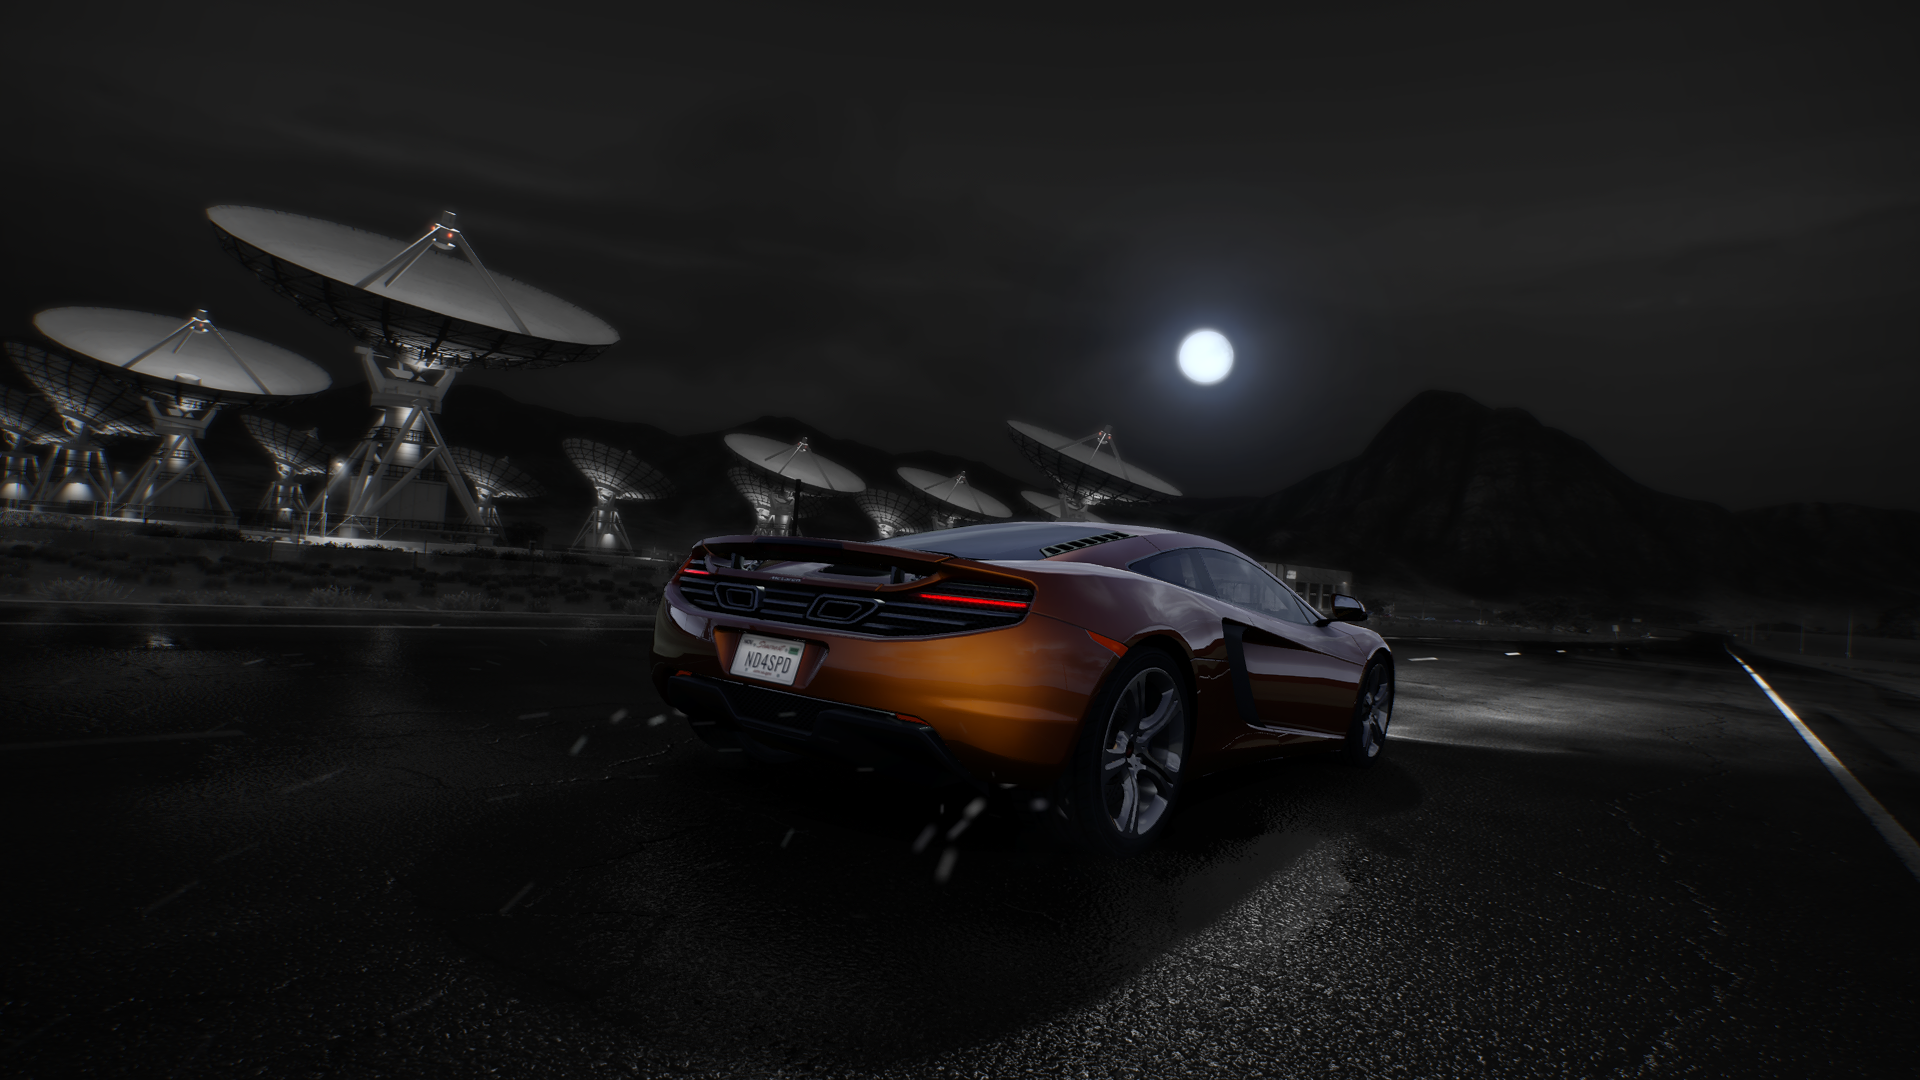 Need For Speed Hot Pursuit McLaren MP4 12C McLaren Car Vehicle Video Games 1920x1080